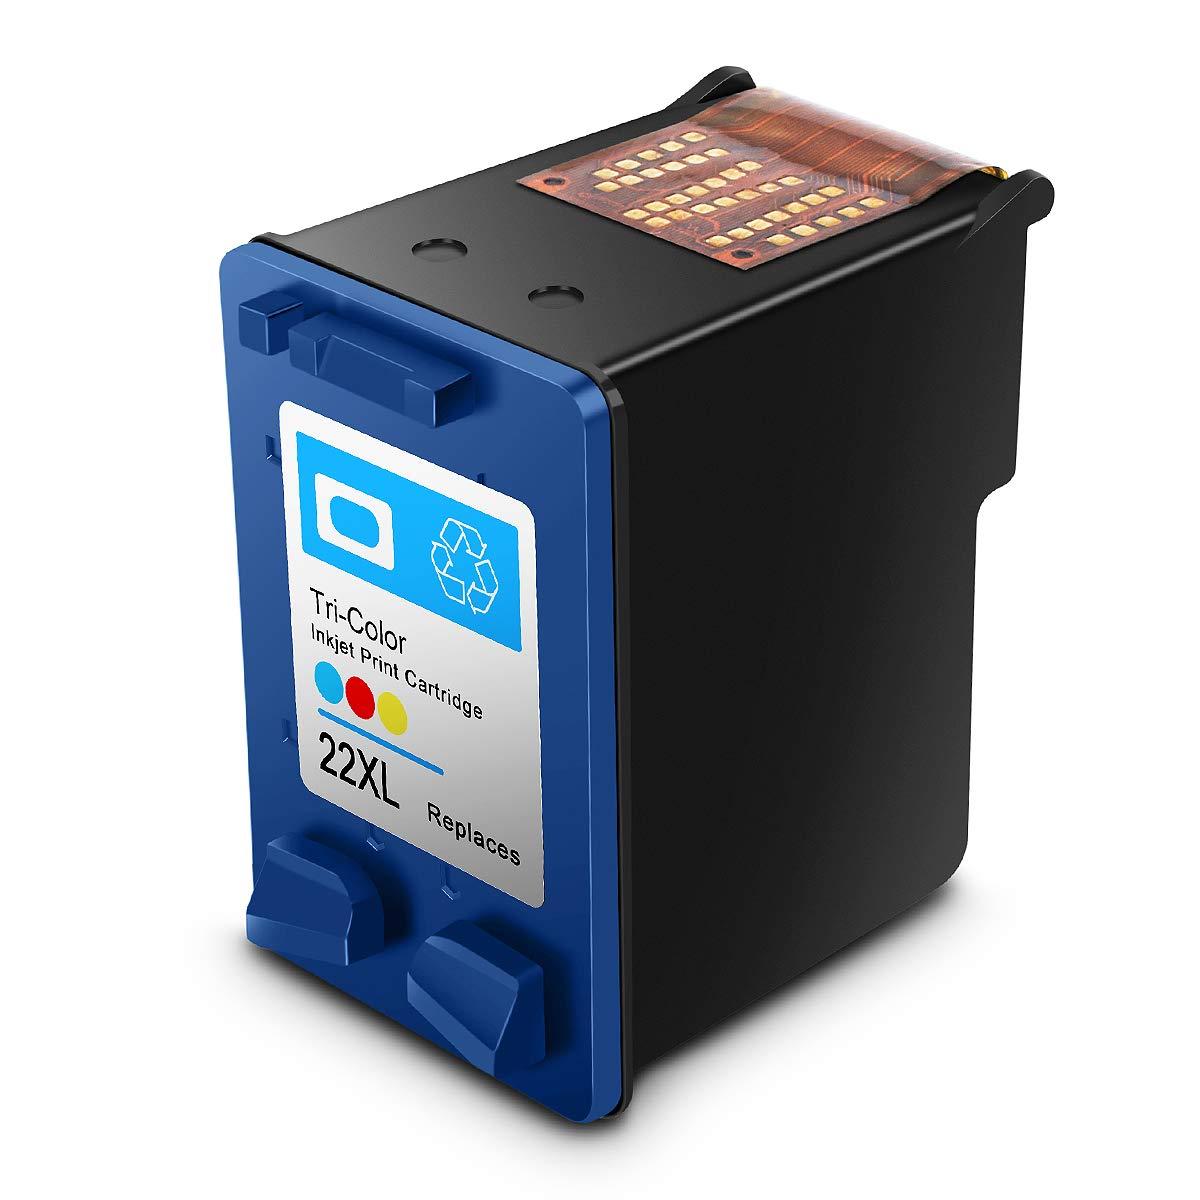 Reconstruido HP 21 22 XL HP21/22xl Cartuchos de Tinta de Alto Rendimiento Compatible con HP DeskJet, HP OfficeJet y HP Envy (1 Negro, 1 Tricolor)